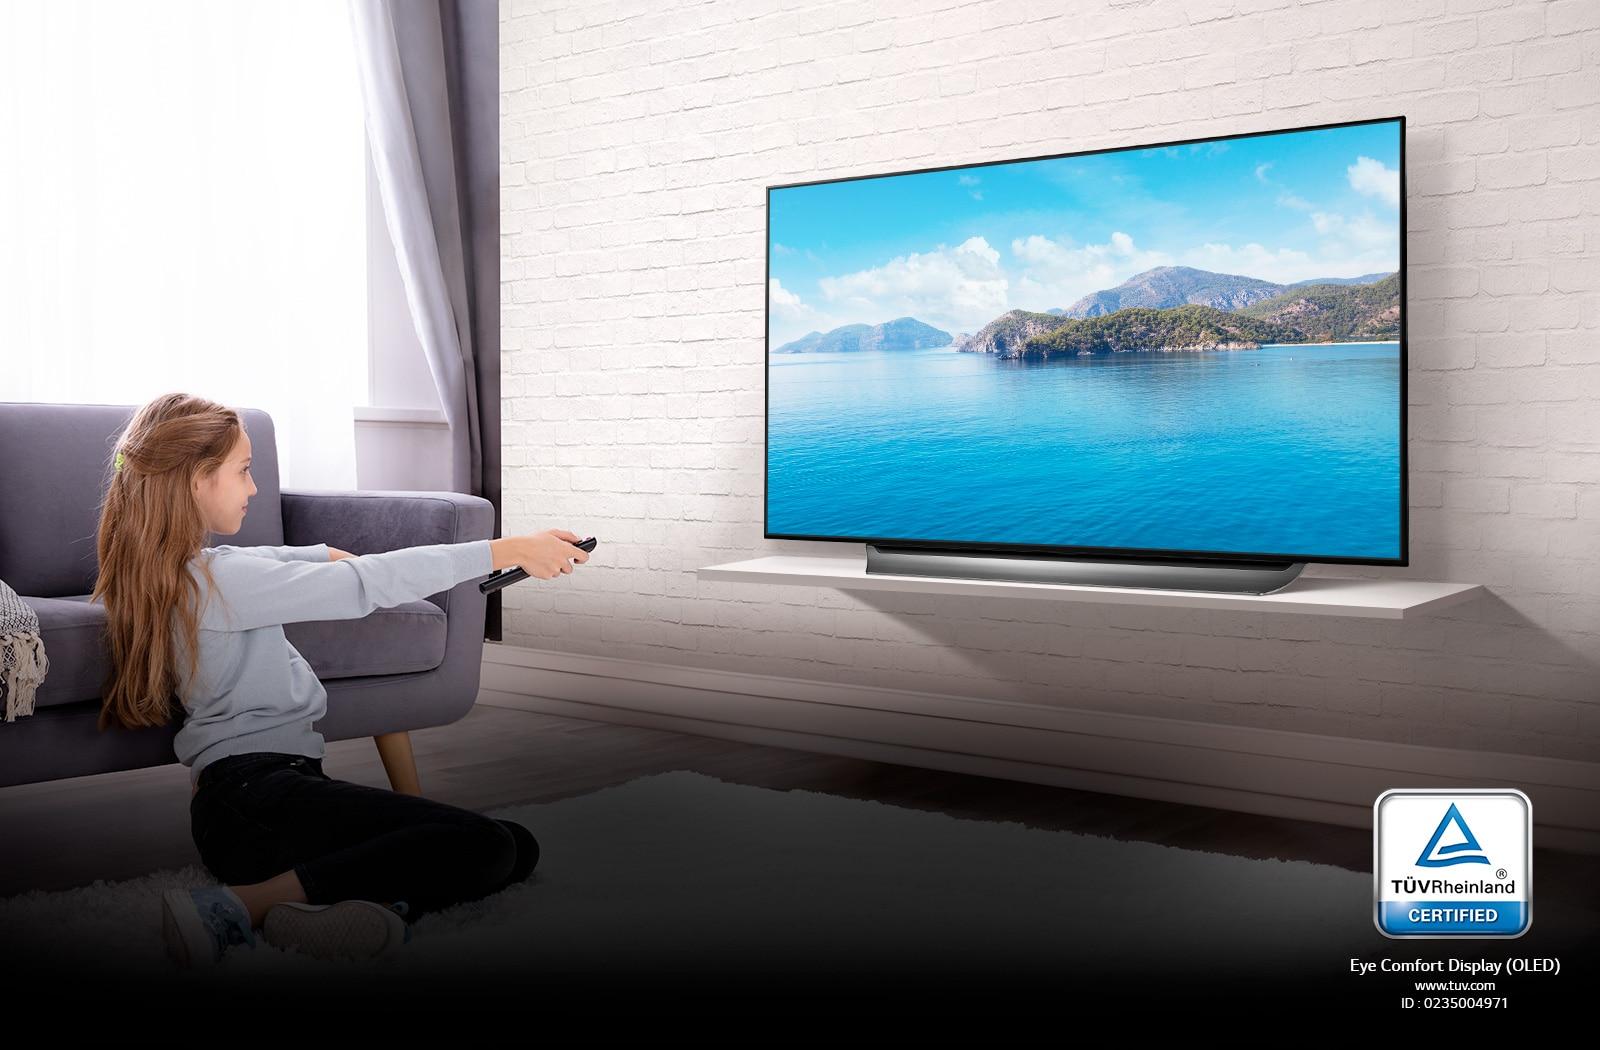 LG-OLED-C9-Eye-Comfort-D